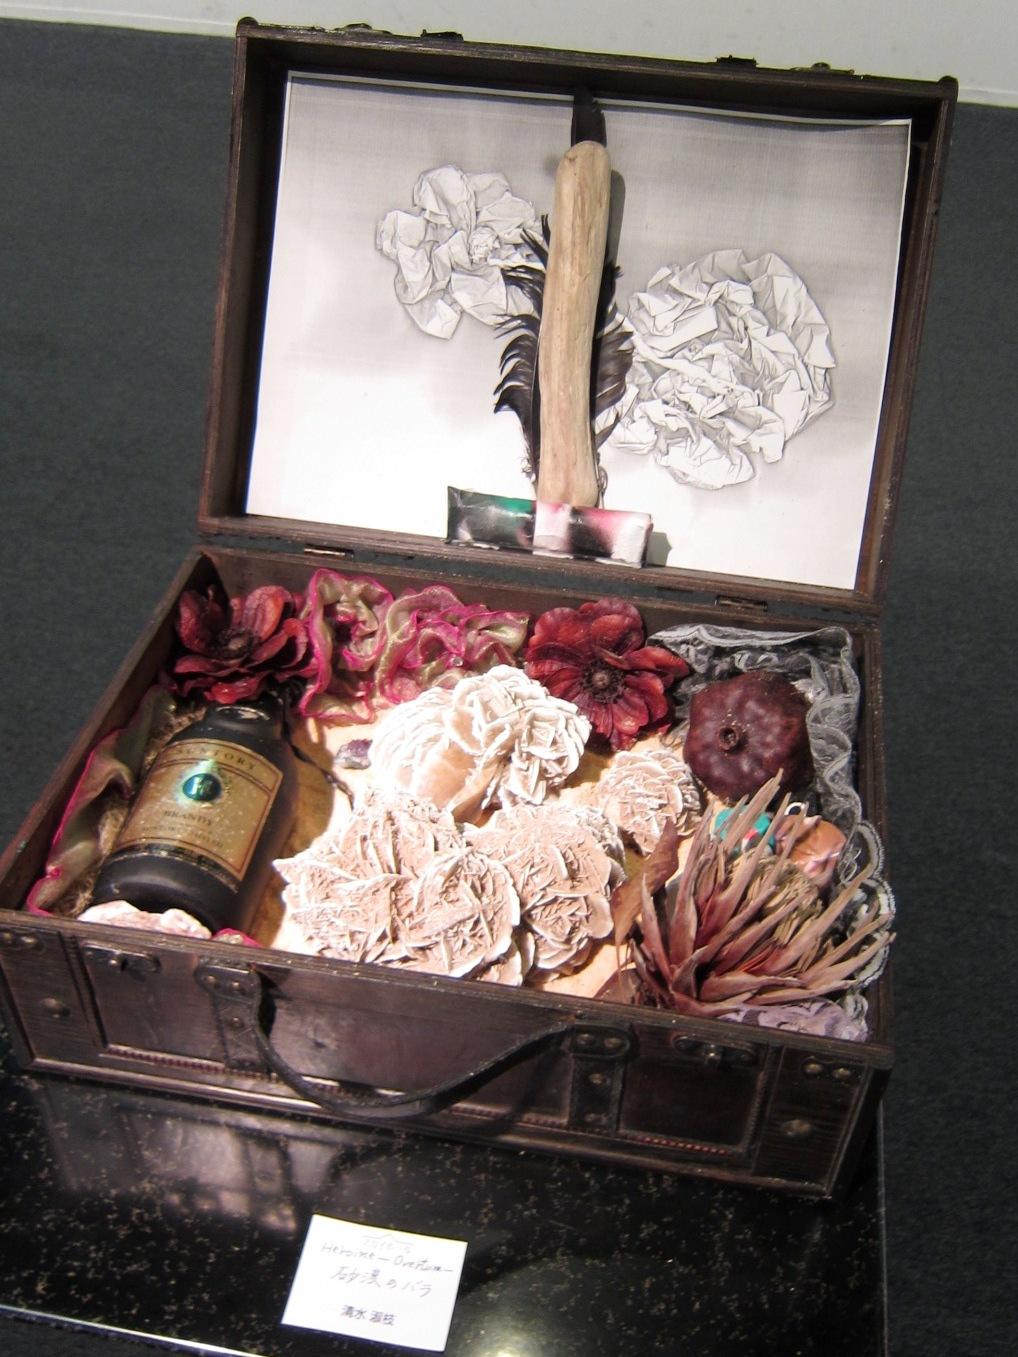 2156)「日本美術家連盟北海道地区 アーティストによる拡げる表現展」スカイ. 終了8月13日(火)~8月18日(日)_f0126829_12111669.jpg